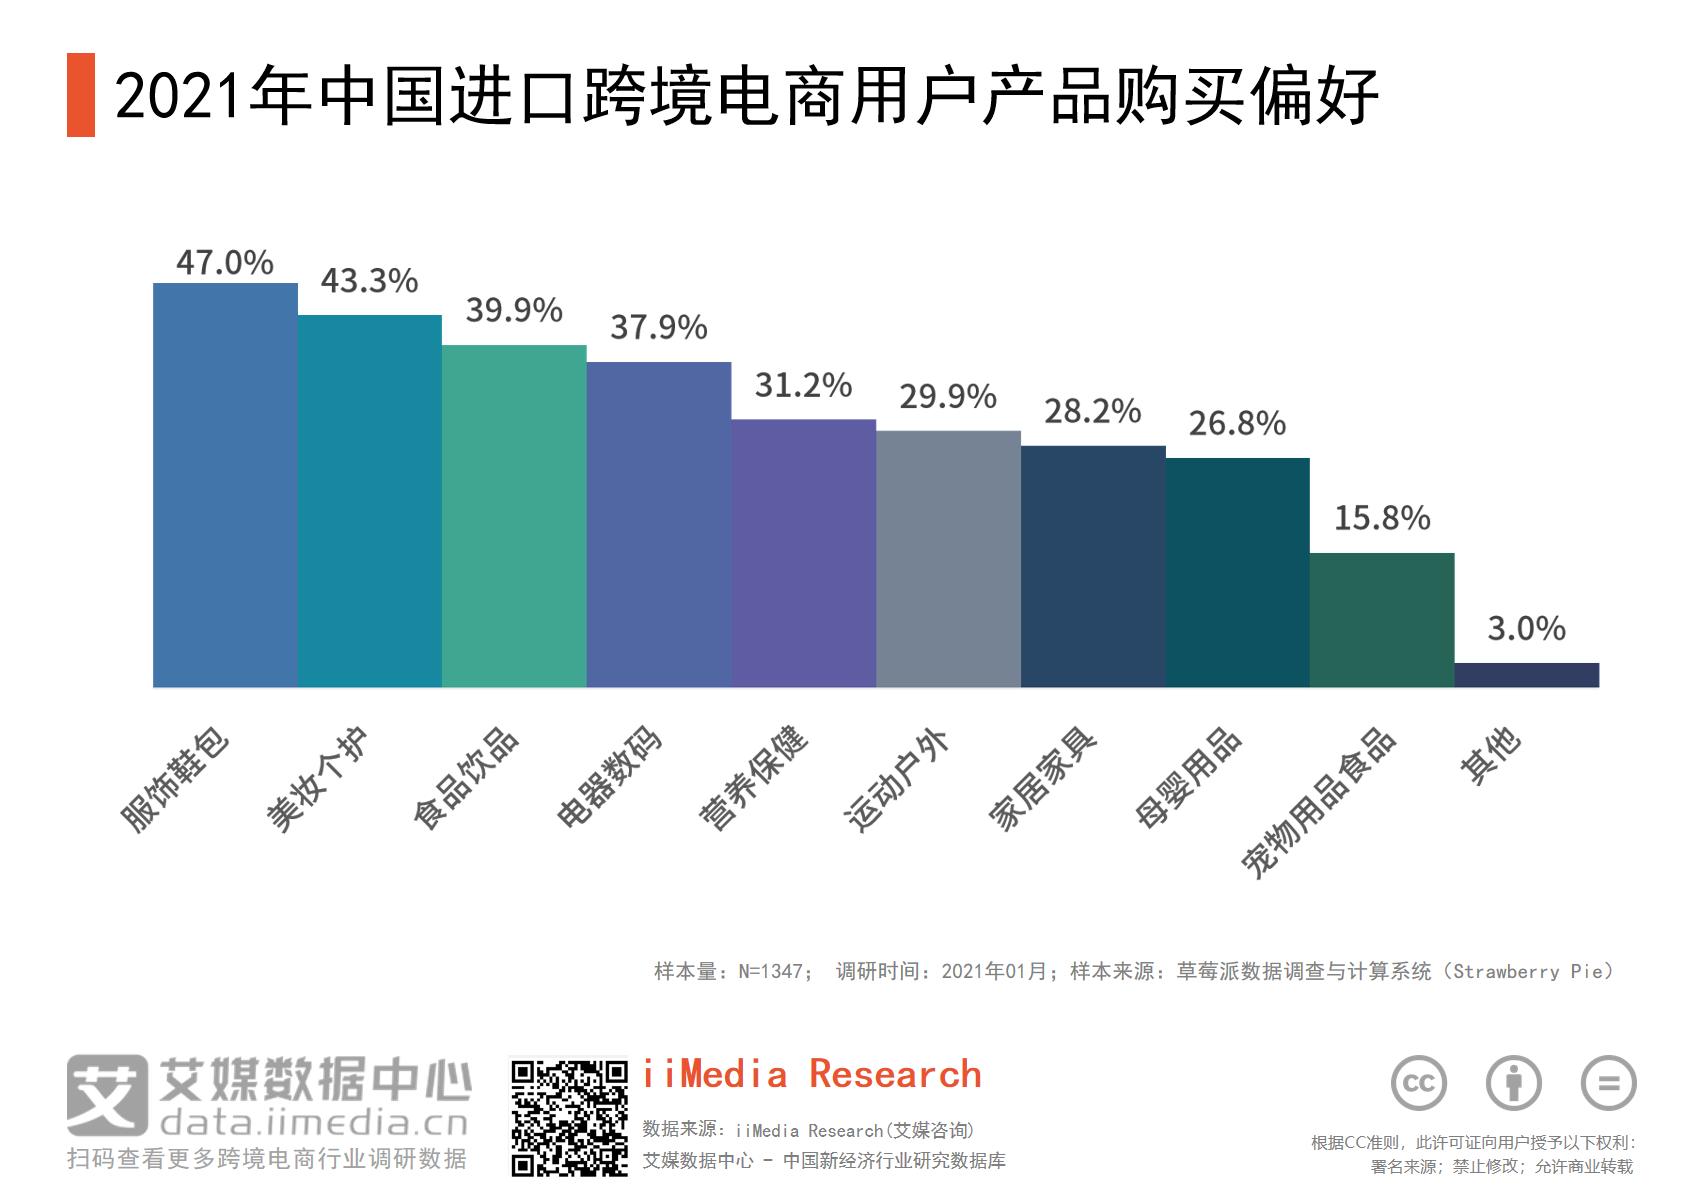 2021年中国47%用户偏好在进口跨境电商平台购买服饰鞋包